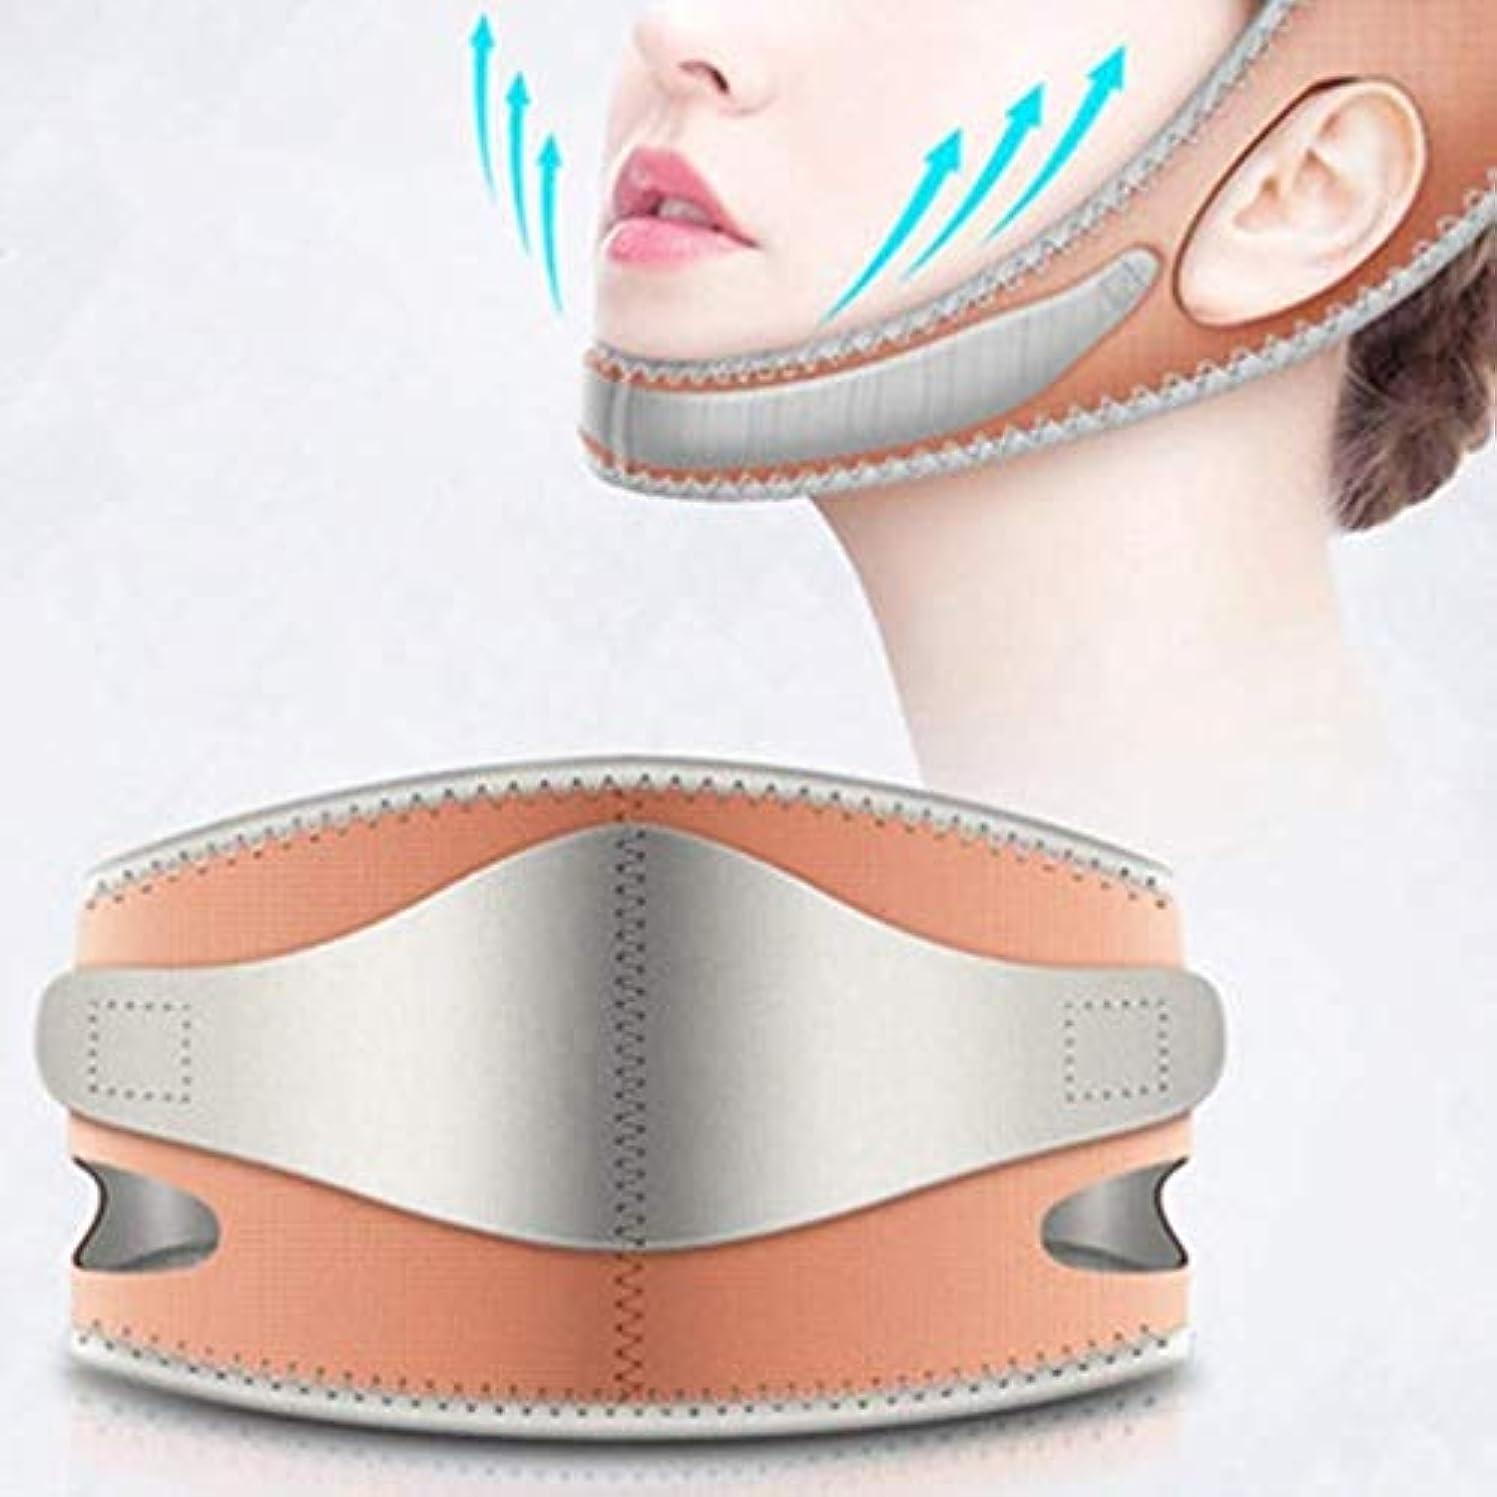 広告主きらめきレタスフェイスリフティング痩身Vフェイスマスクフルカバレッジ包帯減らす顔の二重あごケア減量美容ベルト通気性